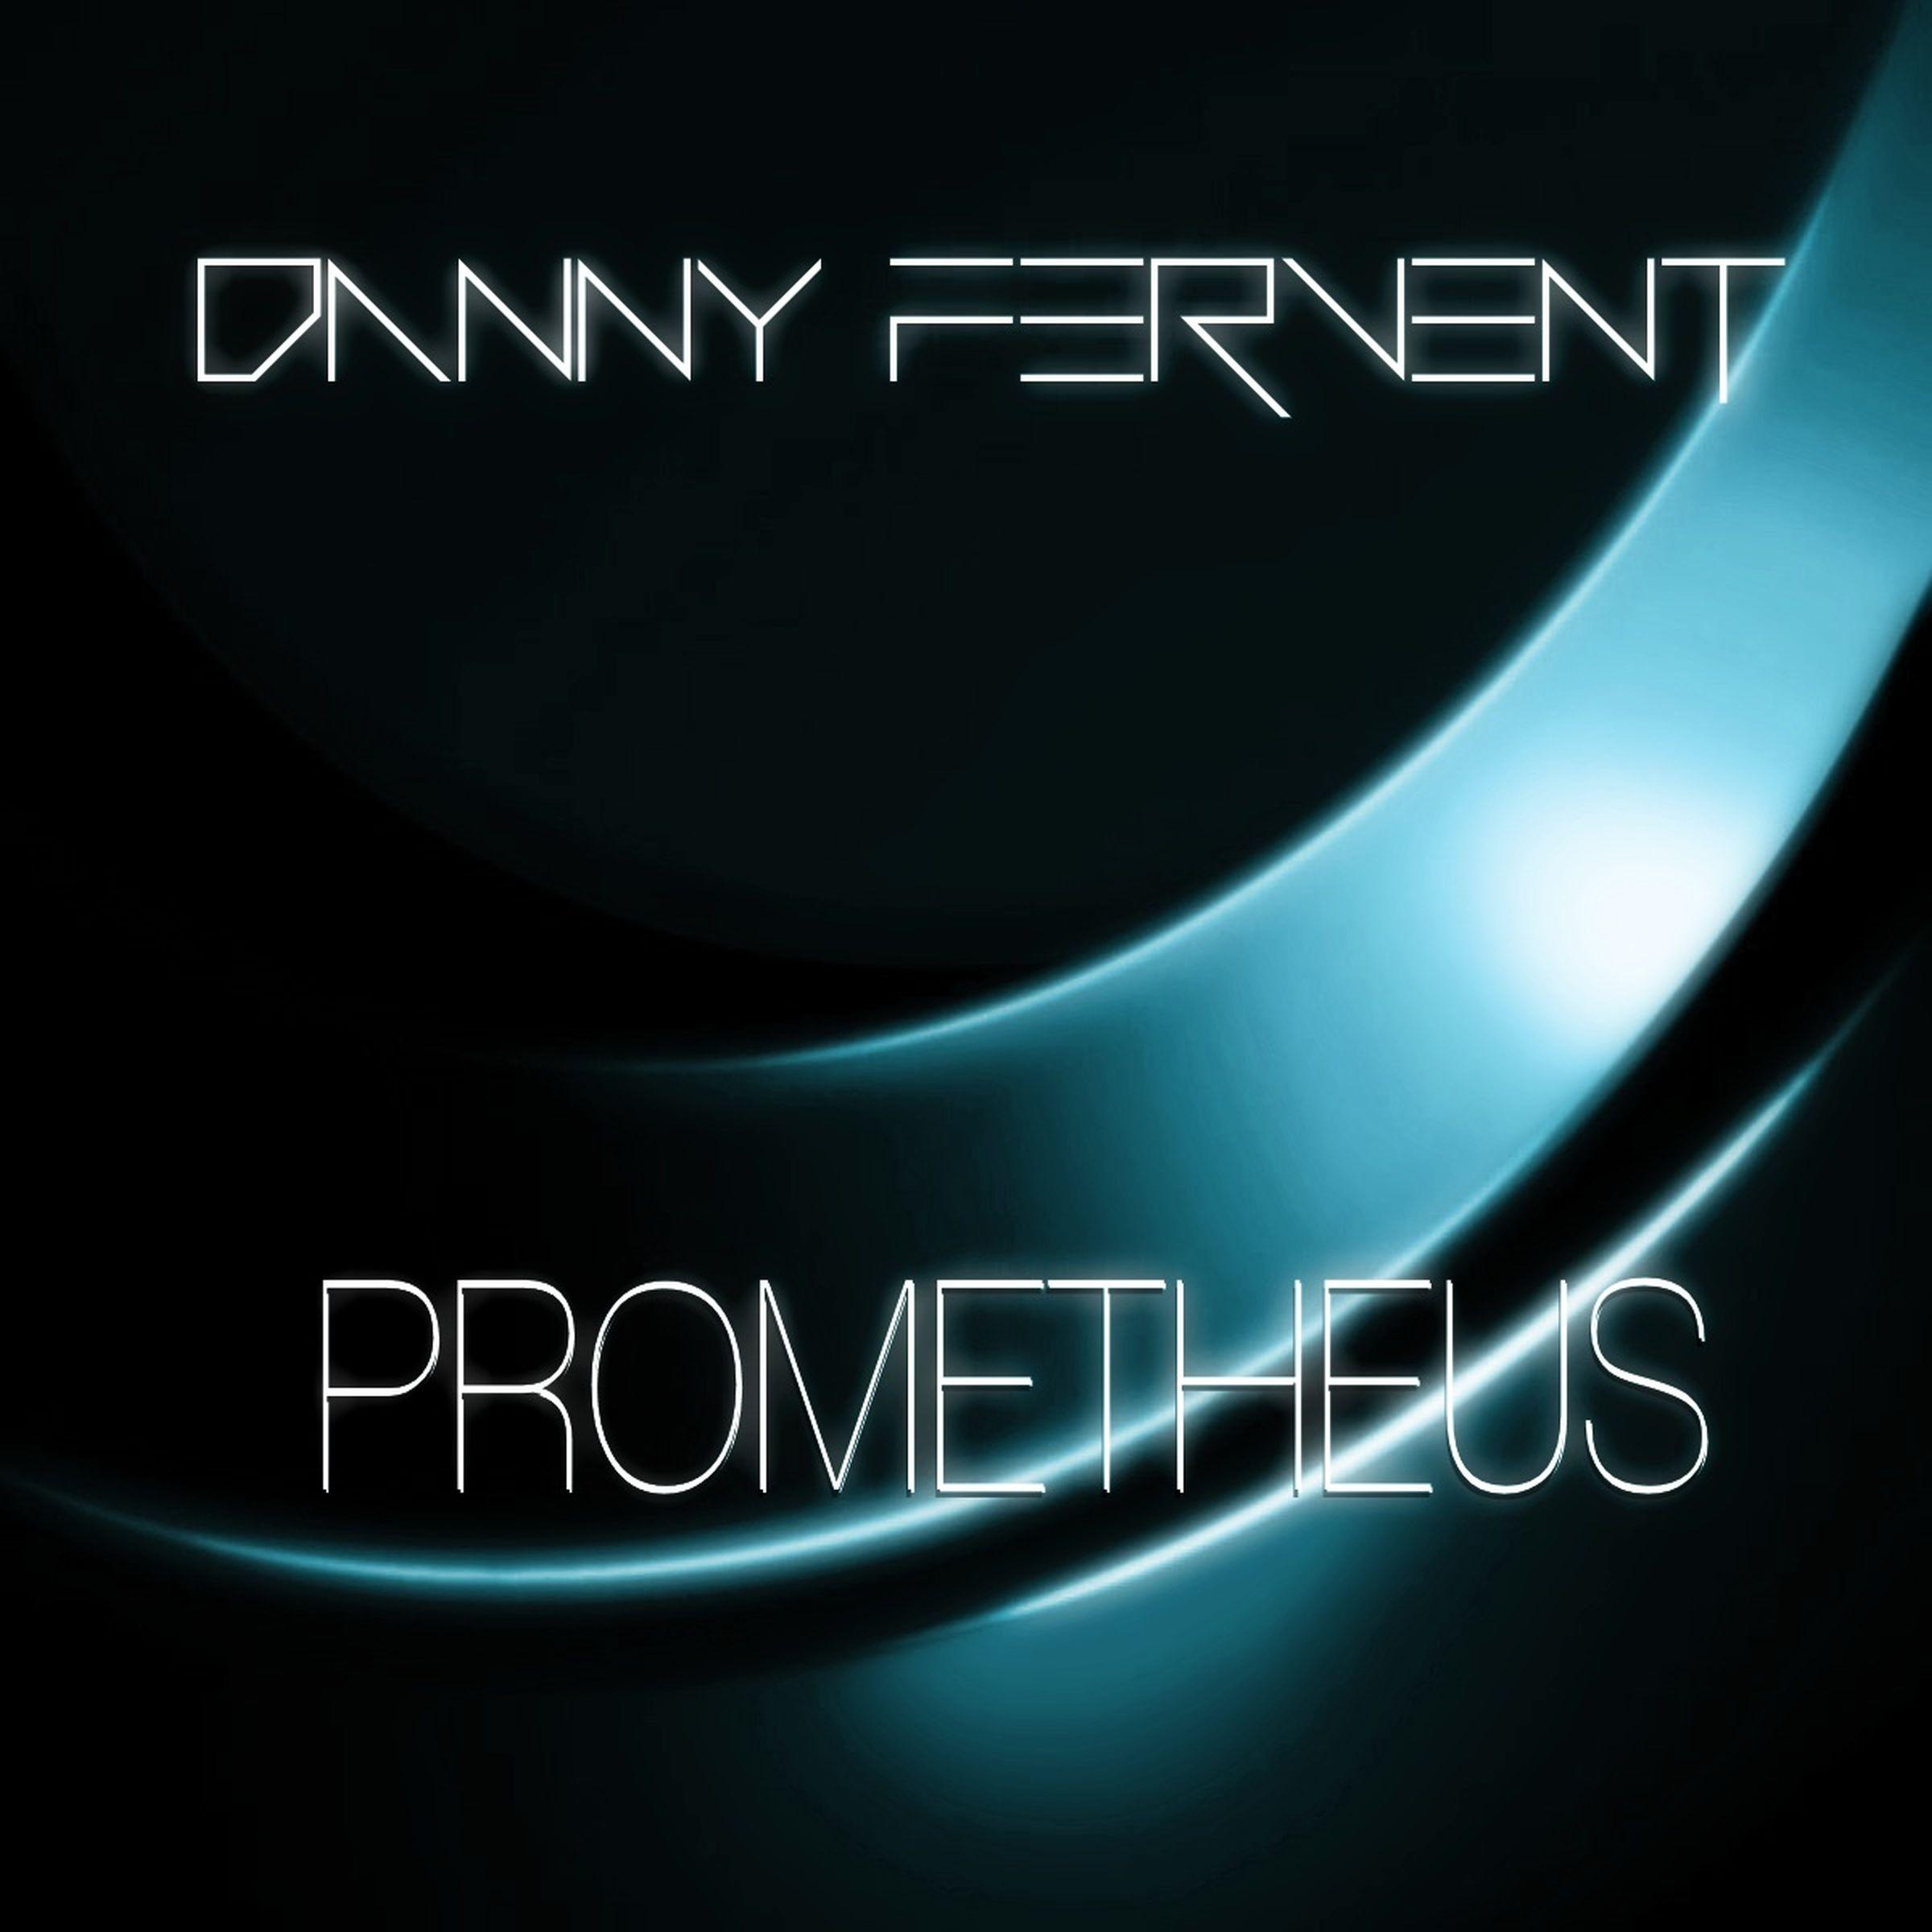 Danny Fervent - Prometheus (Original Mix)